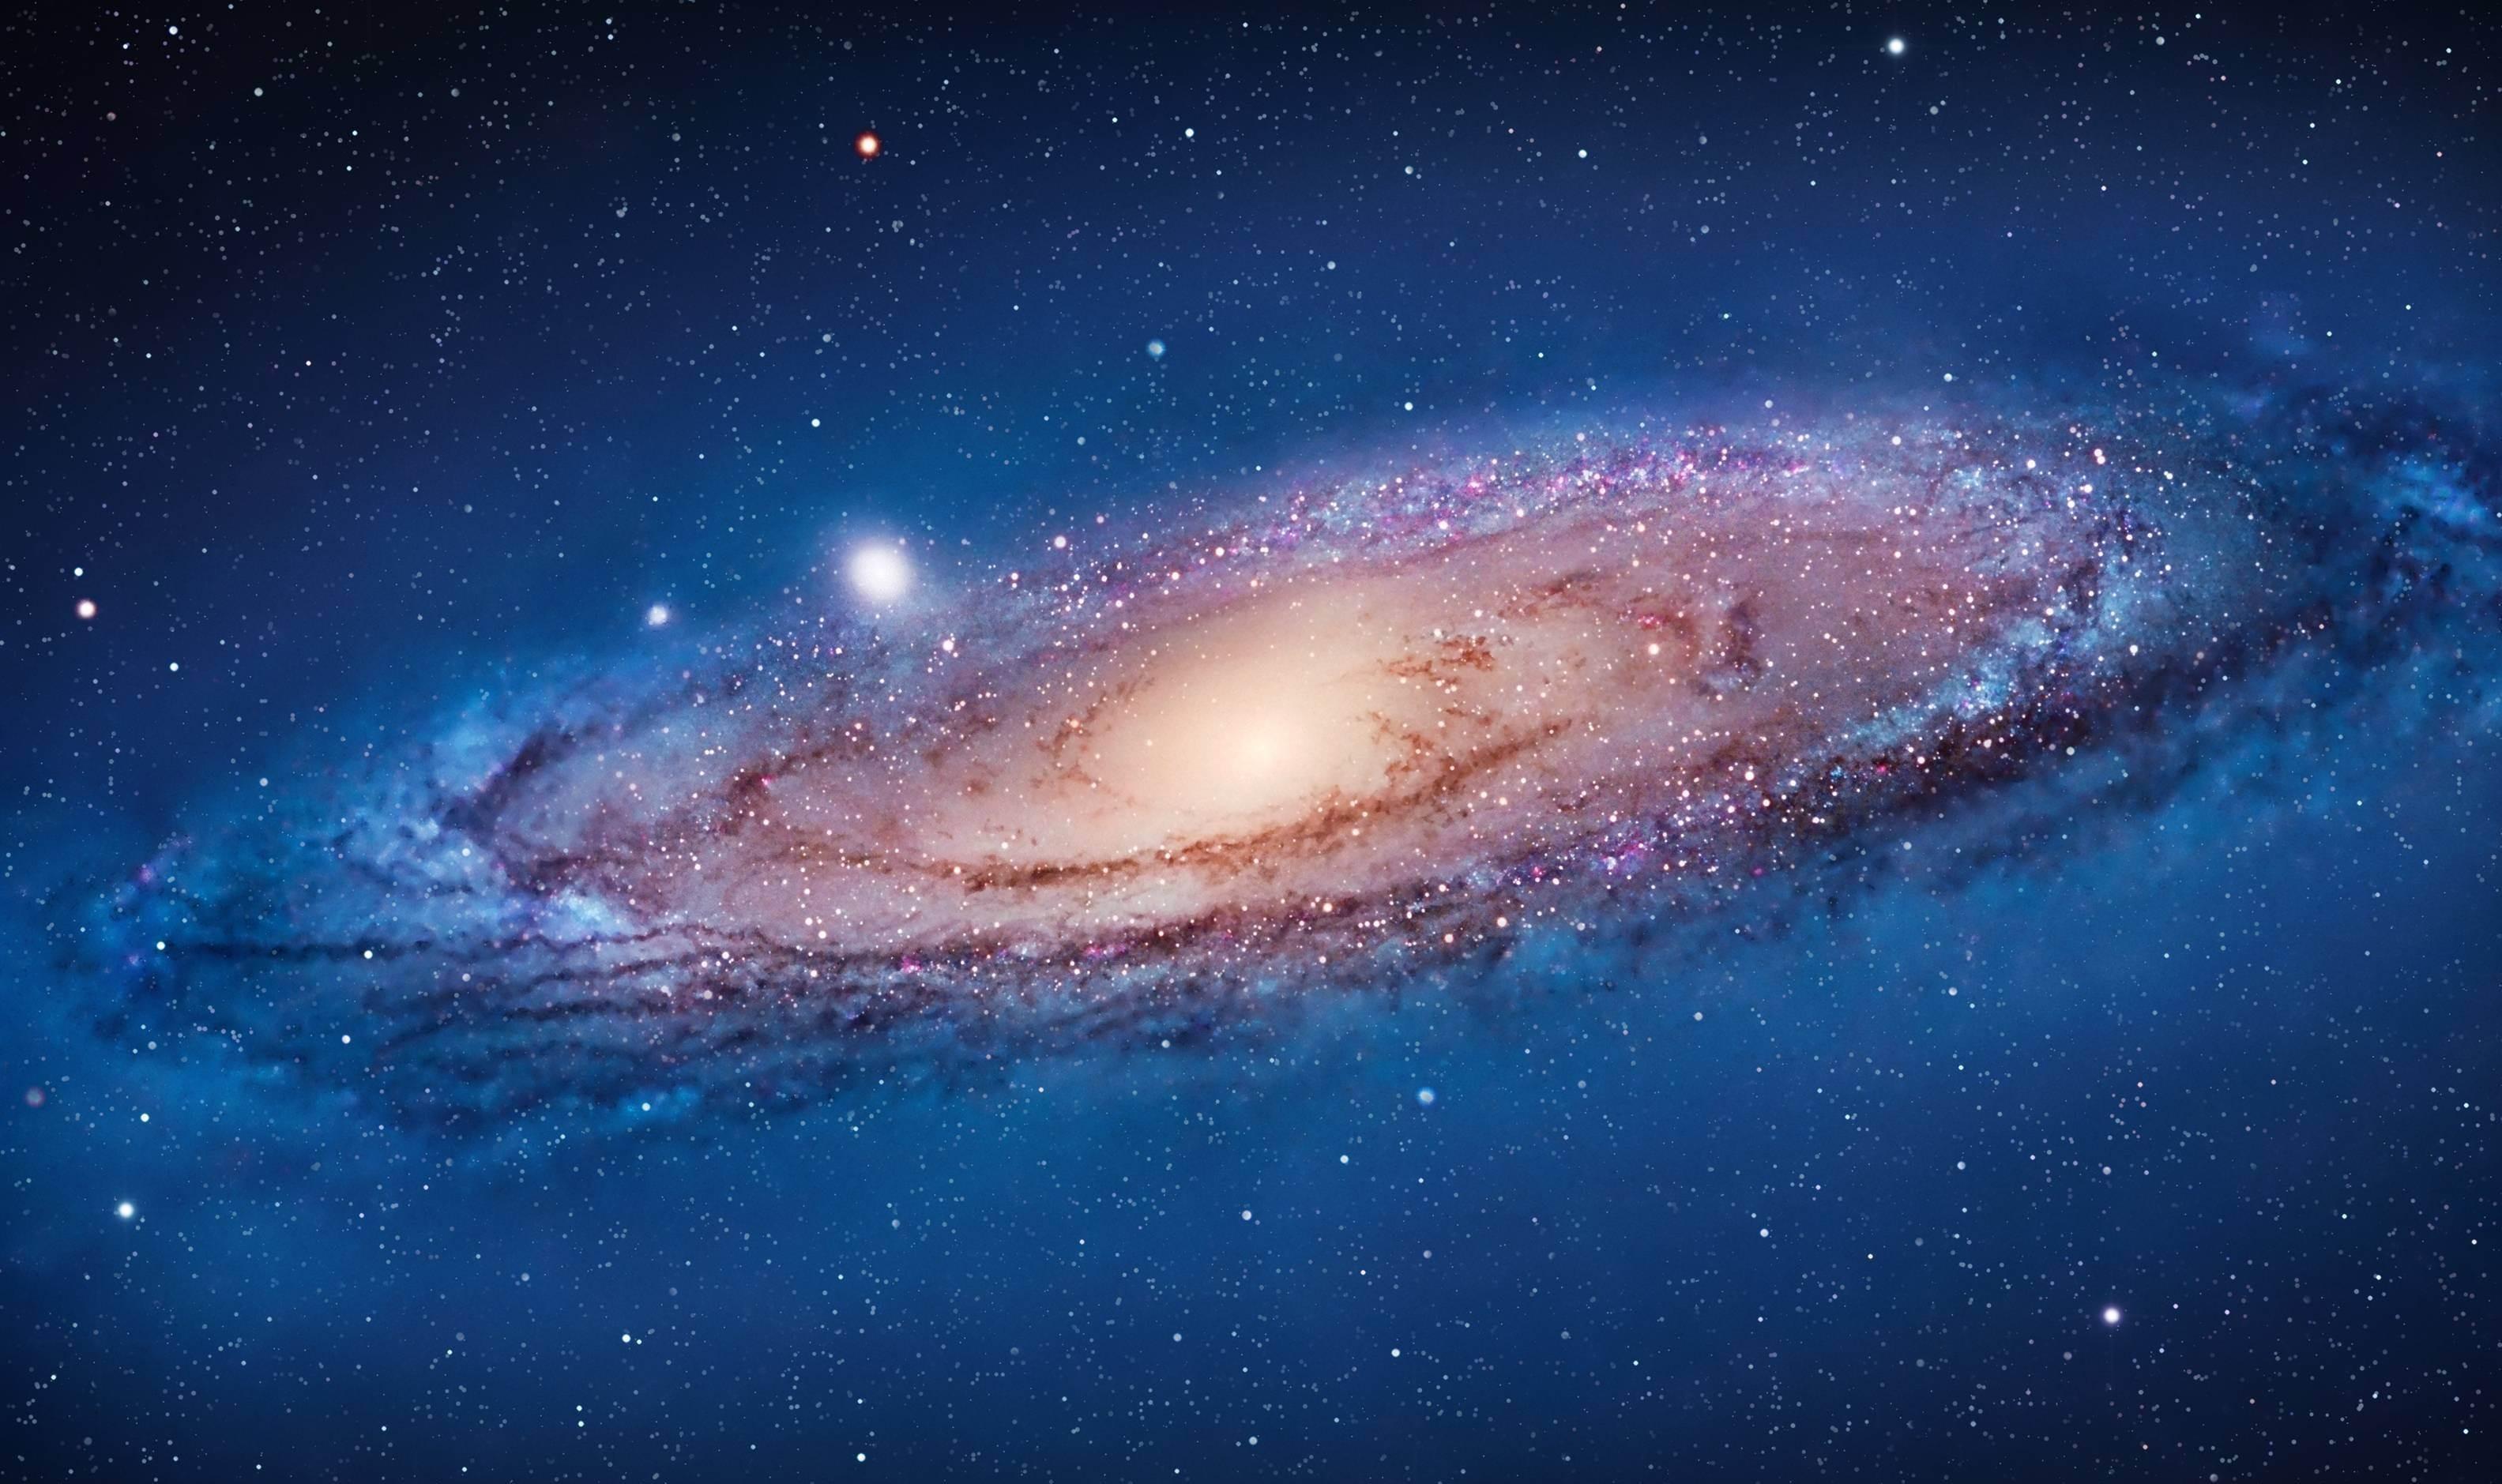 Ученые пояснили происхождение перемычки Млечного Пути